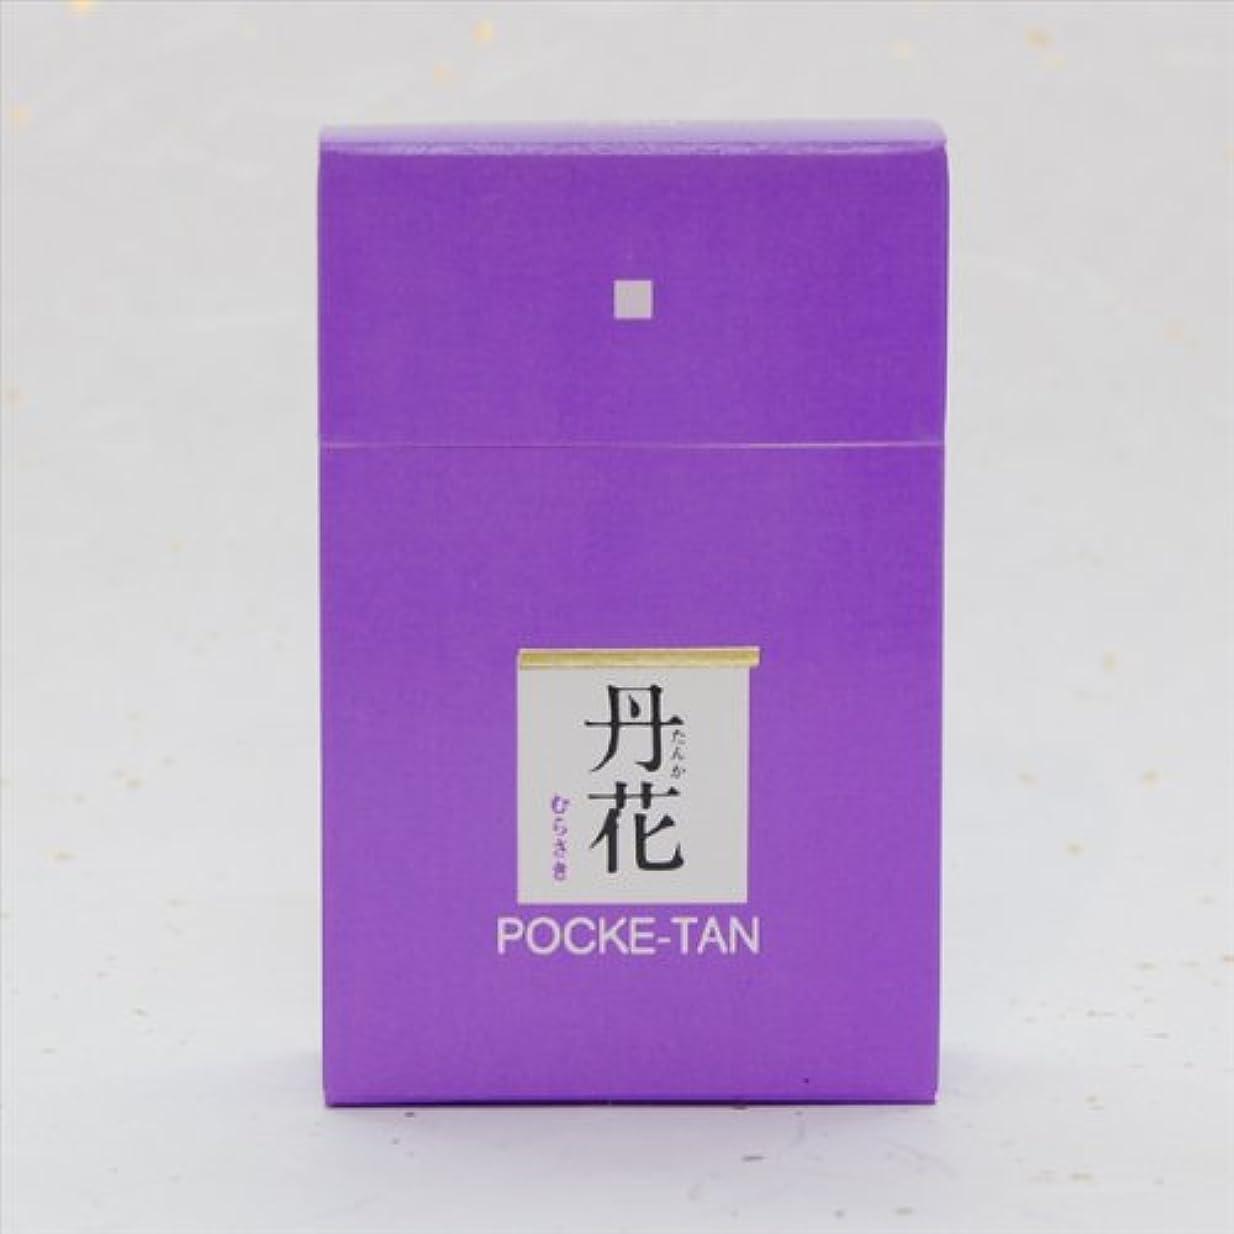 乳白略すチキンお香 ポケットアロマ 紫丹花 ステックタイプ